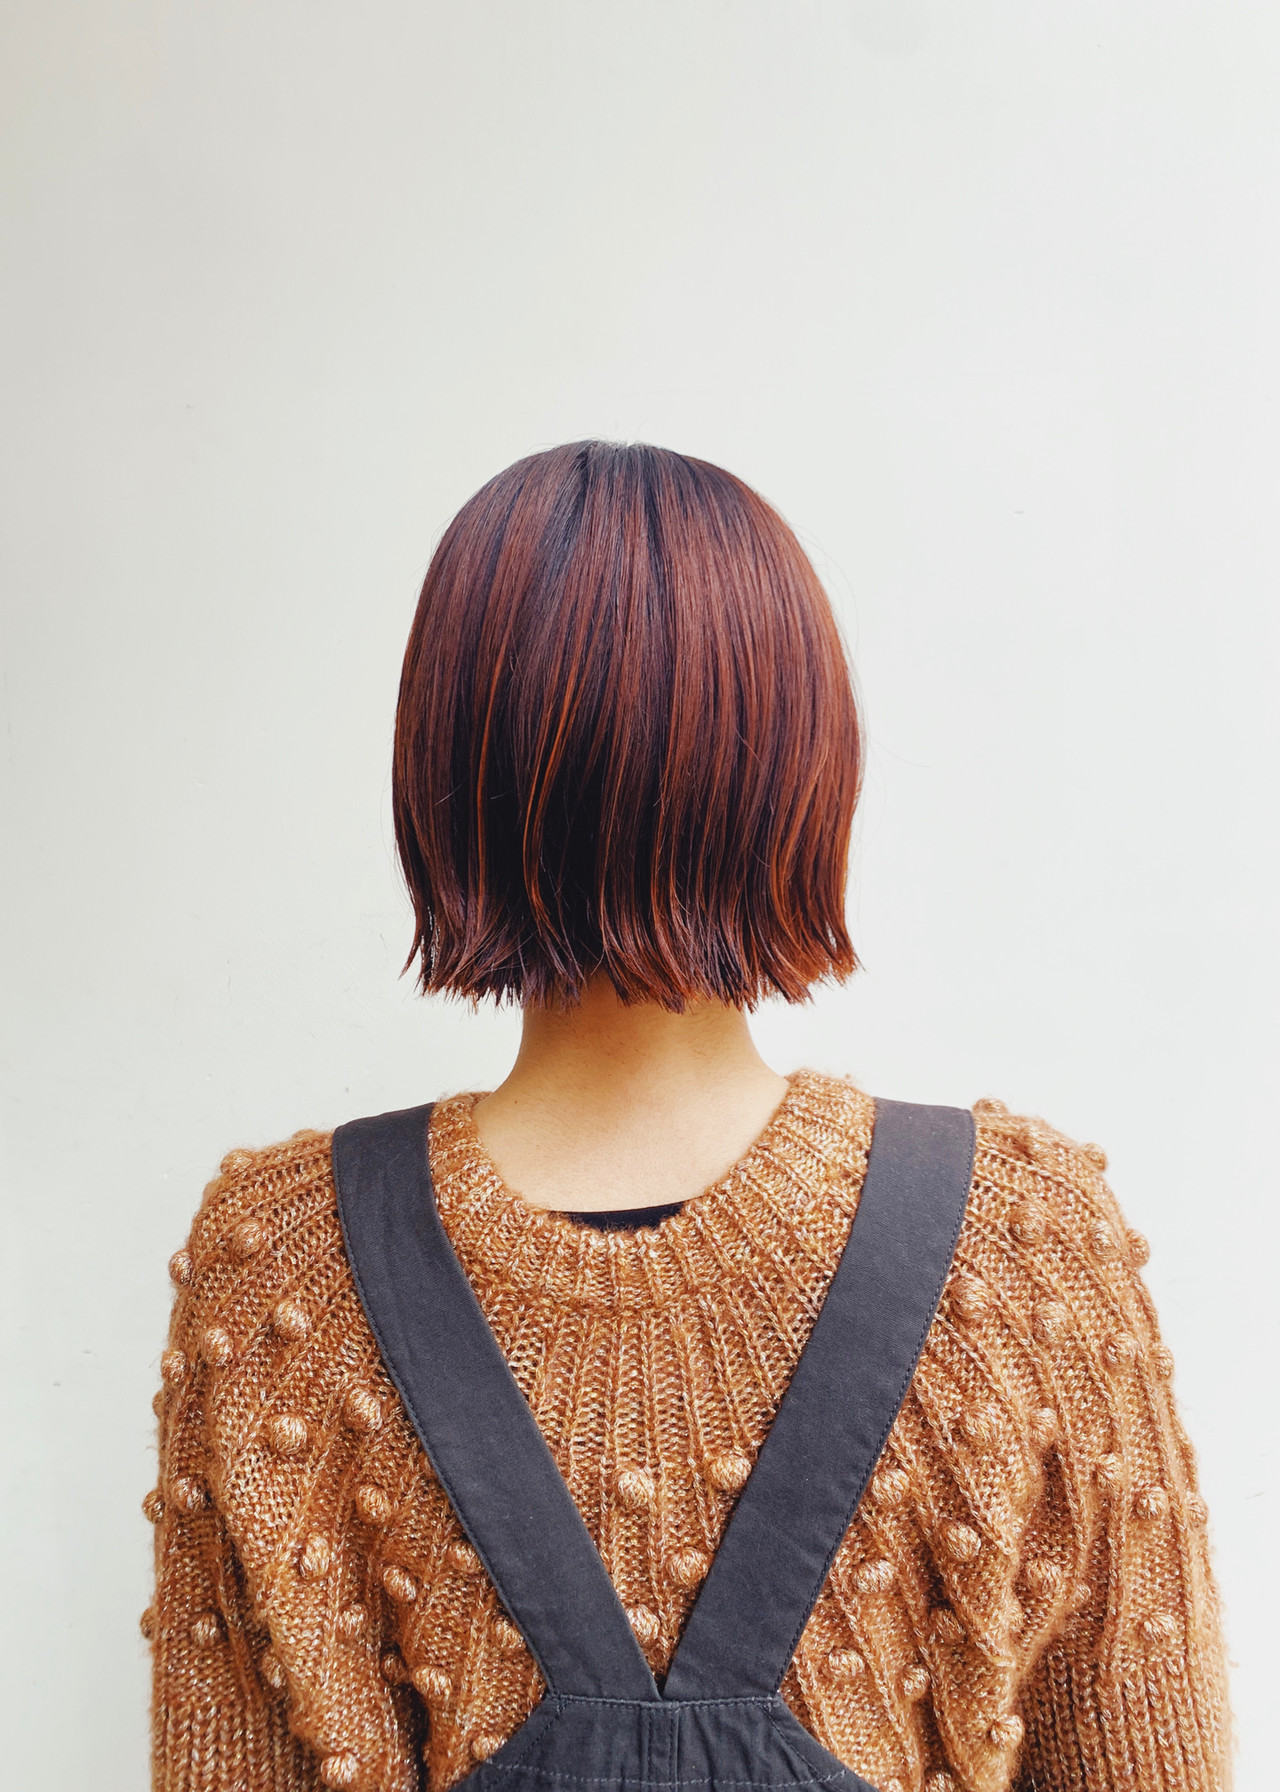 切りっぱなしボブ オレンジベージュ アプリコットオレンジ ボブヘアスタイルや髪型の写真・画像